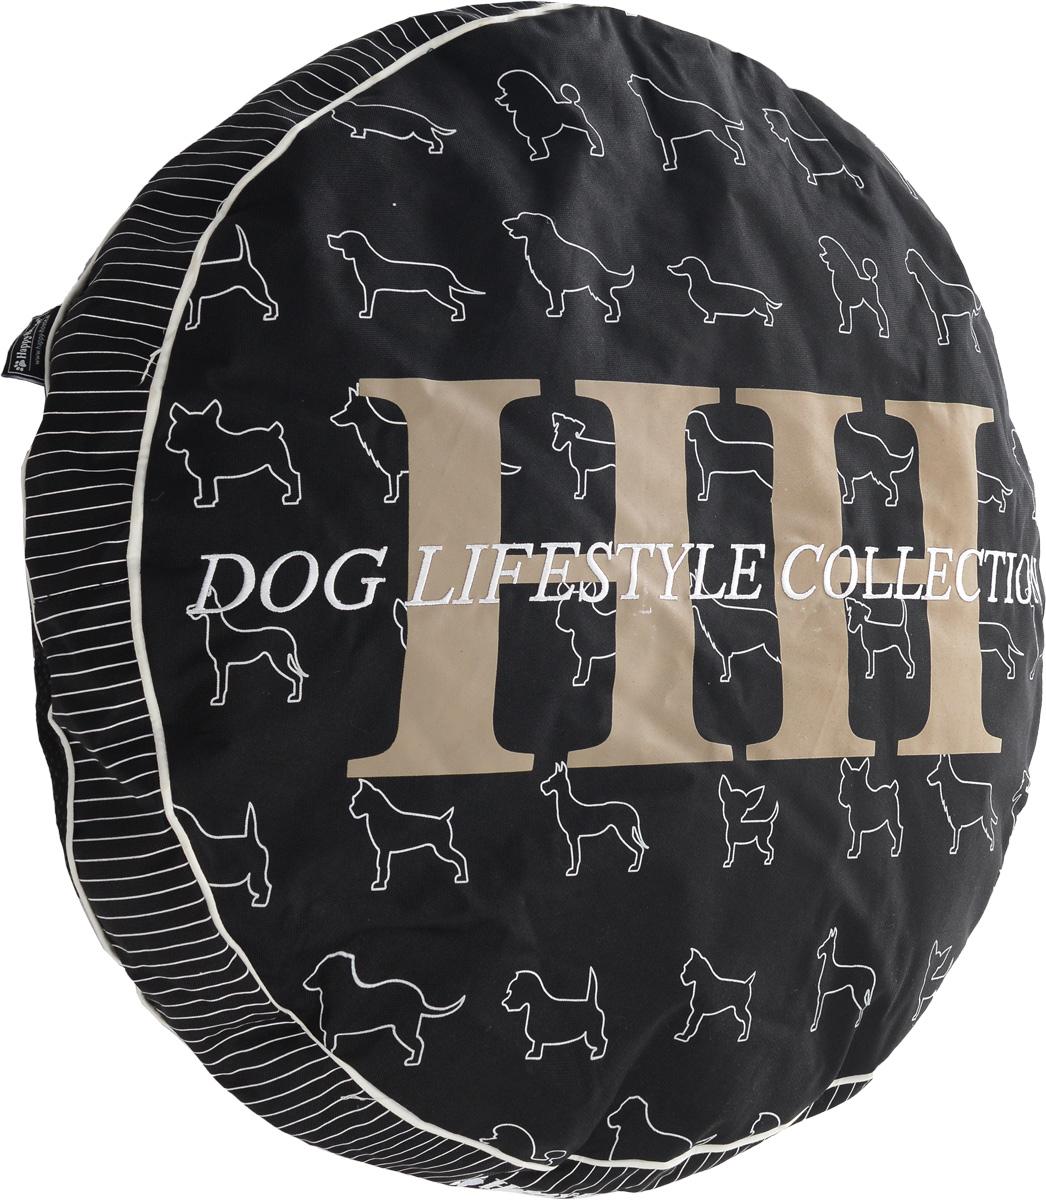 Лежак для животных Happy House Dog Lifestyle, 70 х 70 х 10 см8144Лежак Happy House Dog Lifestyle прекрасно подойдет для отдыха вашего домашнего питомца. Предназначен для кошек, а также собак мелких и средних пород. Чехол лежака выполнен из полиэстера и закрывается на застежку-молнию, наполнитель - из холлофайбера. Комфортный и уютный лежак обязательно понравится вашему питомцу, животное сможет там отдохнуть и выспаться.